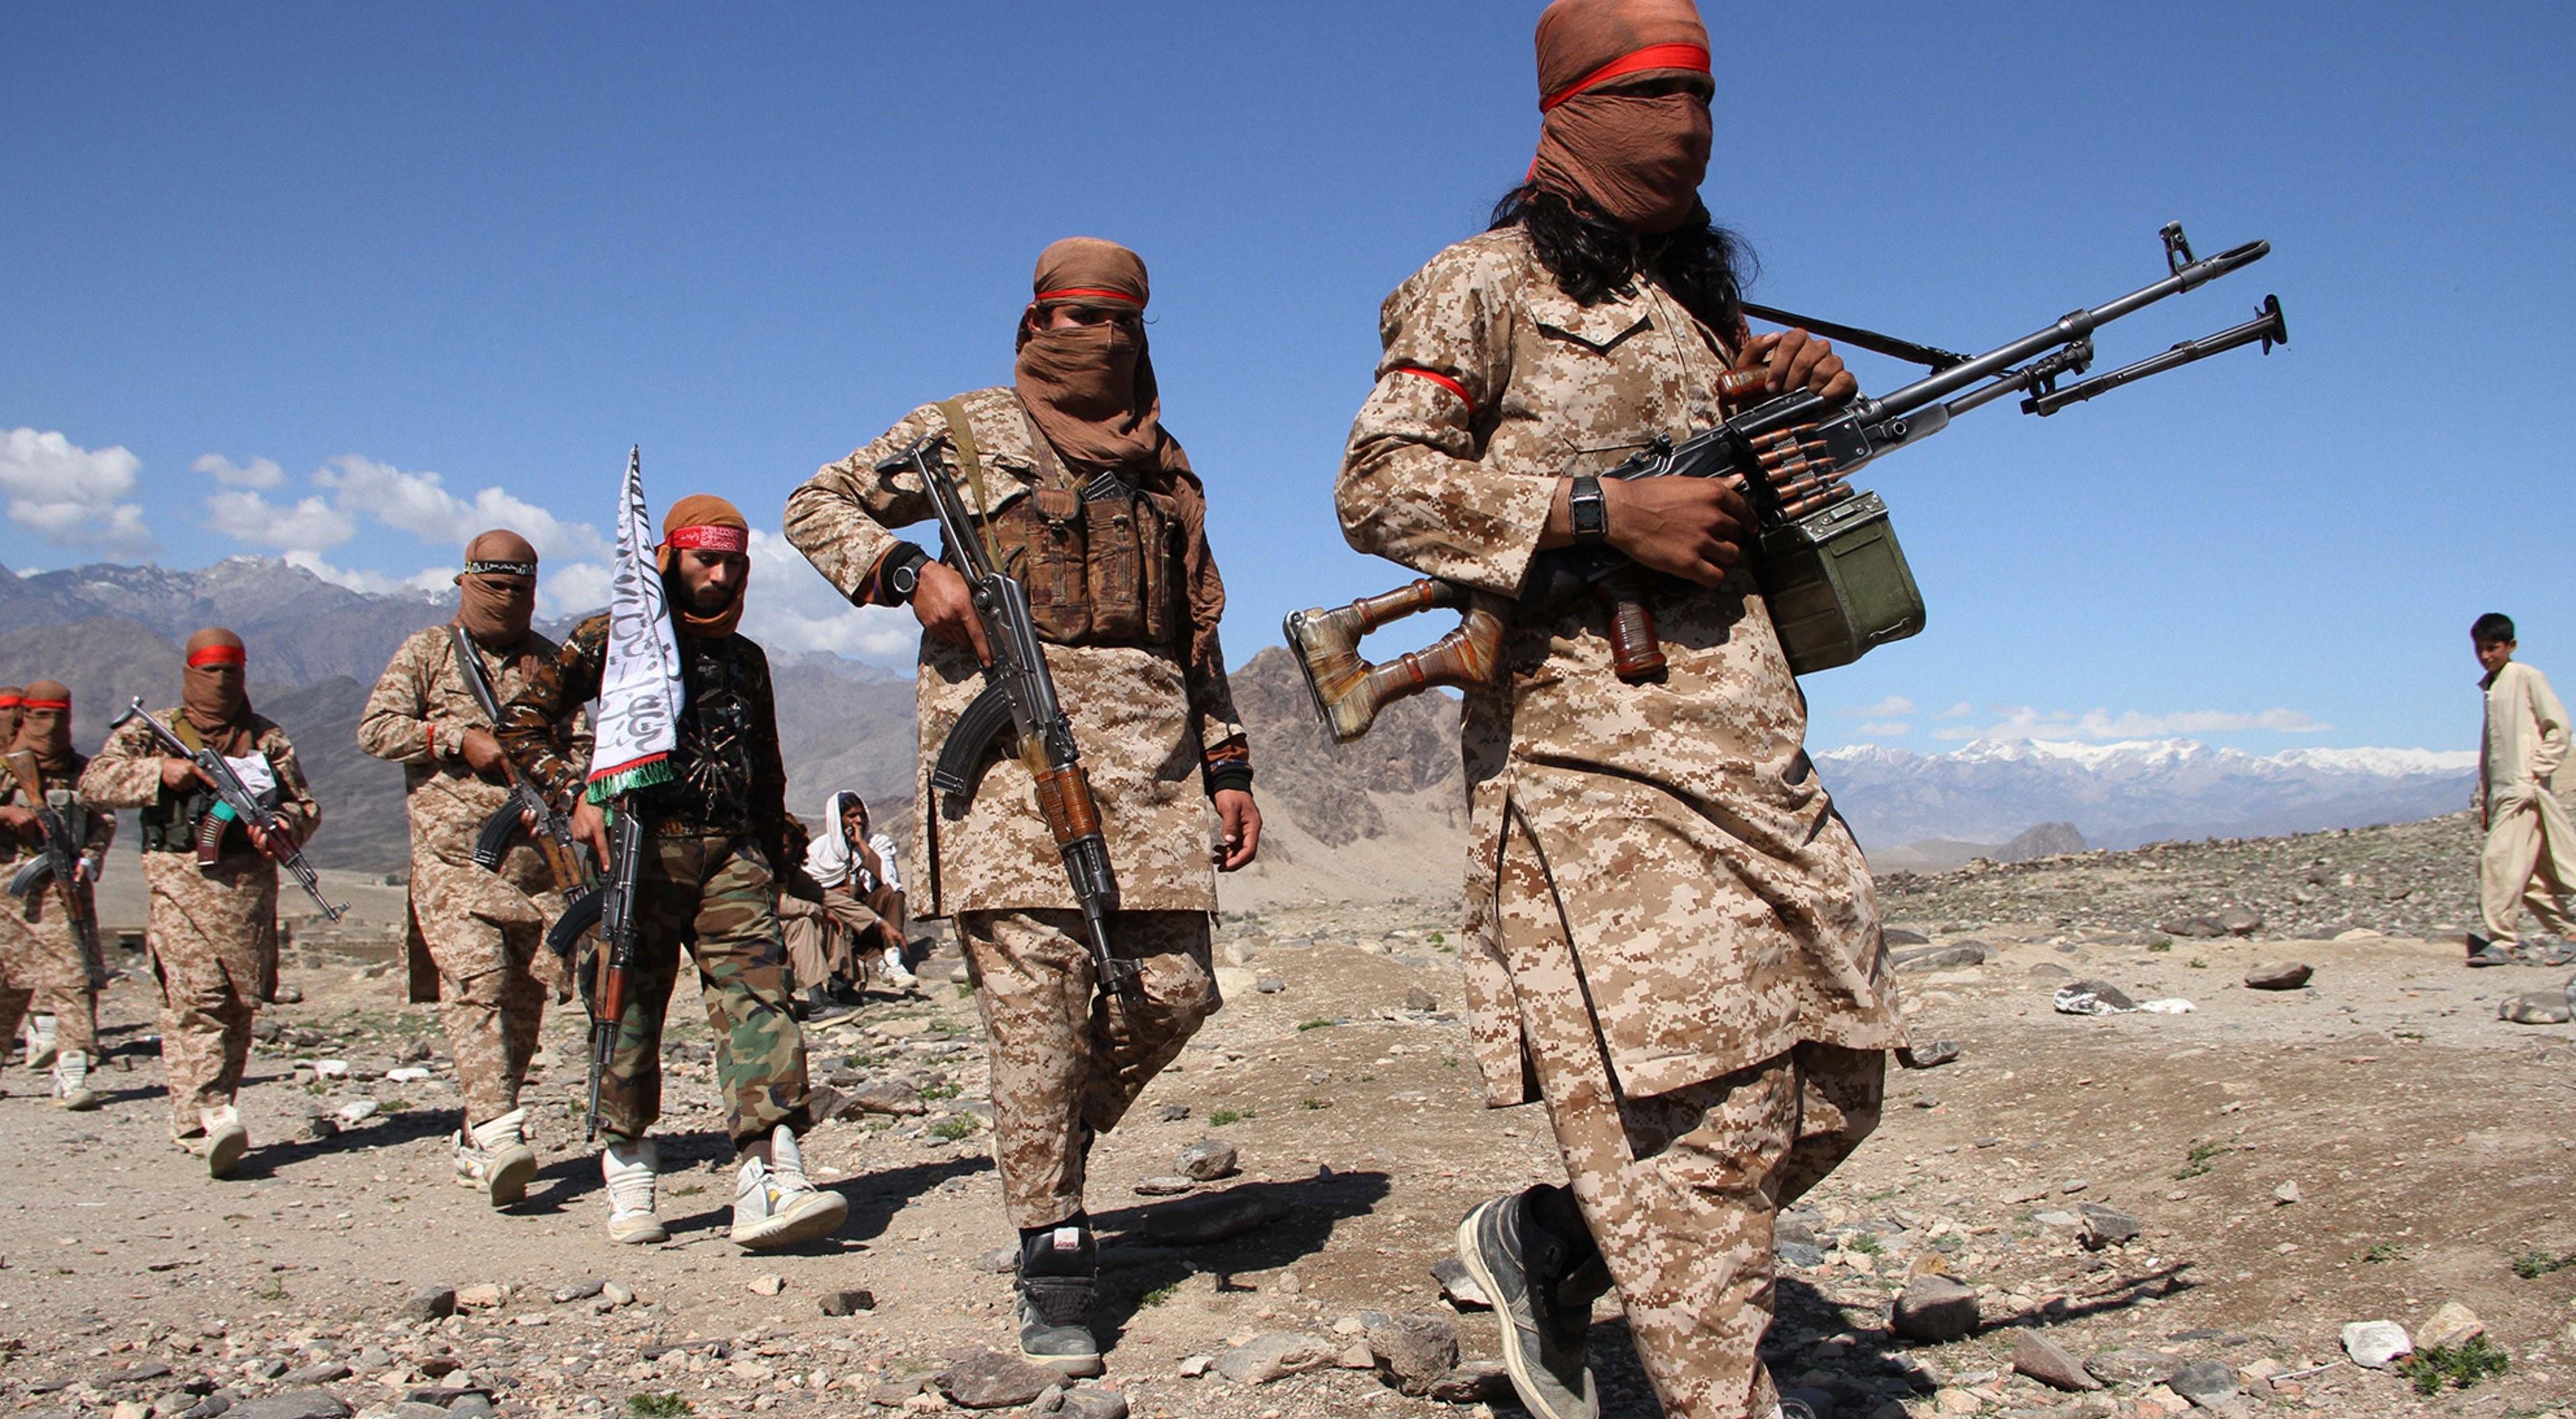 अफगाणिस्तान : दीर्घ यादवीची तयारी